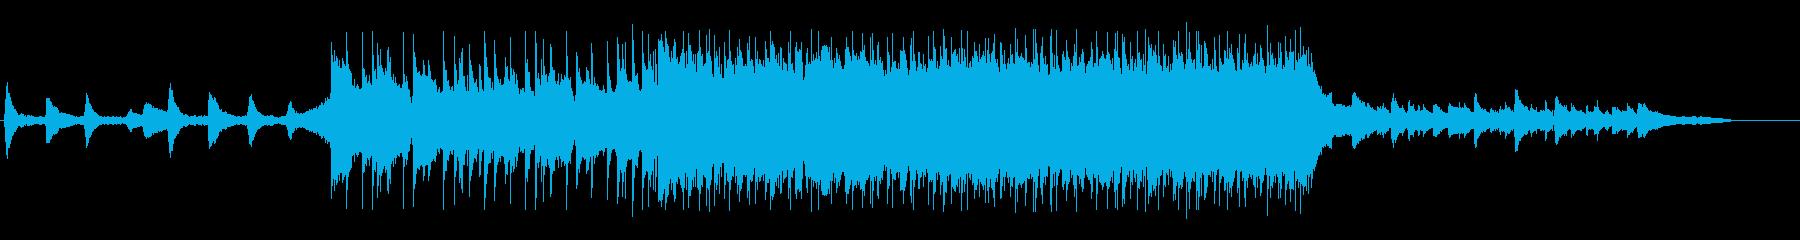 VP系27C、スポーツ系、爽やかロックの再生済みの波形